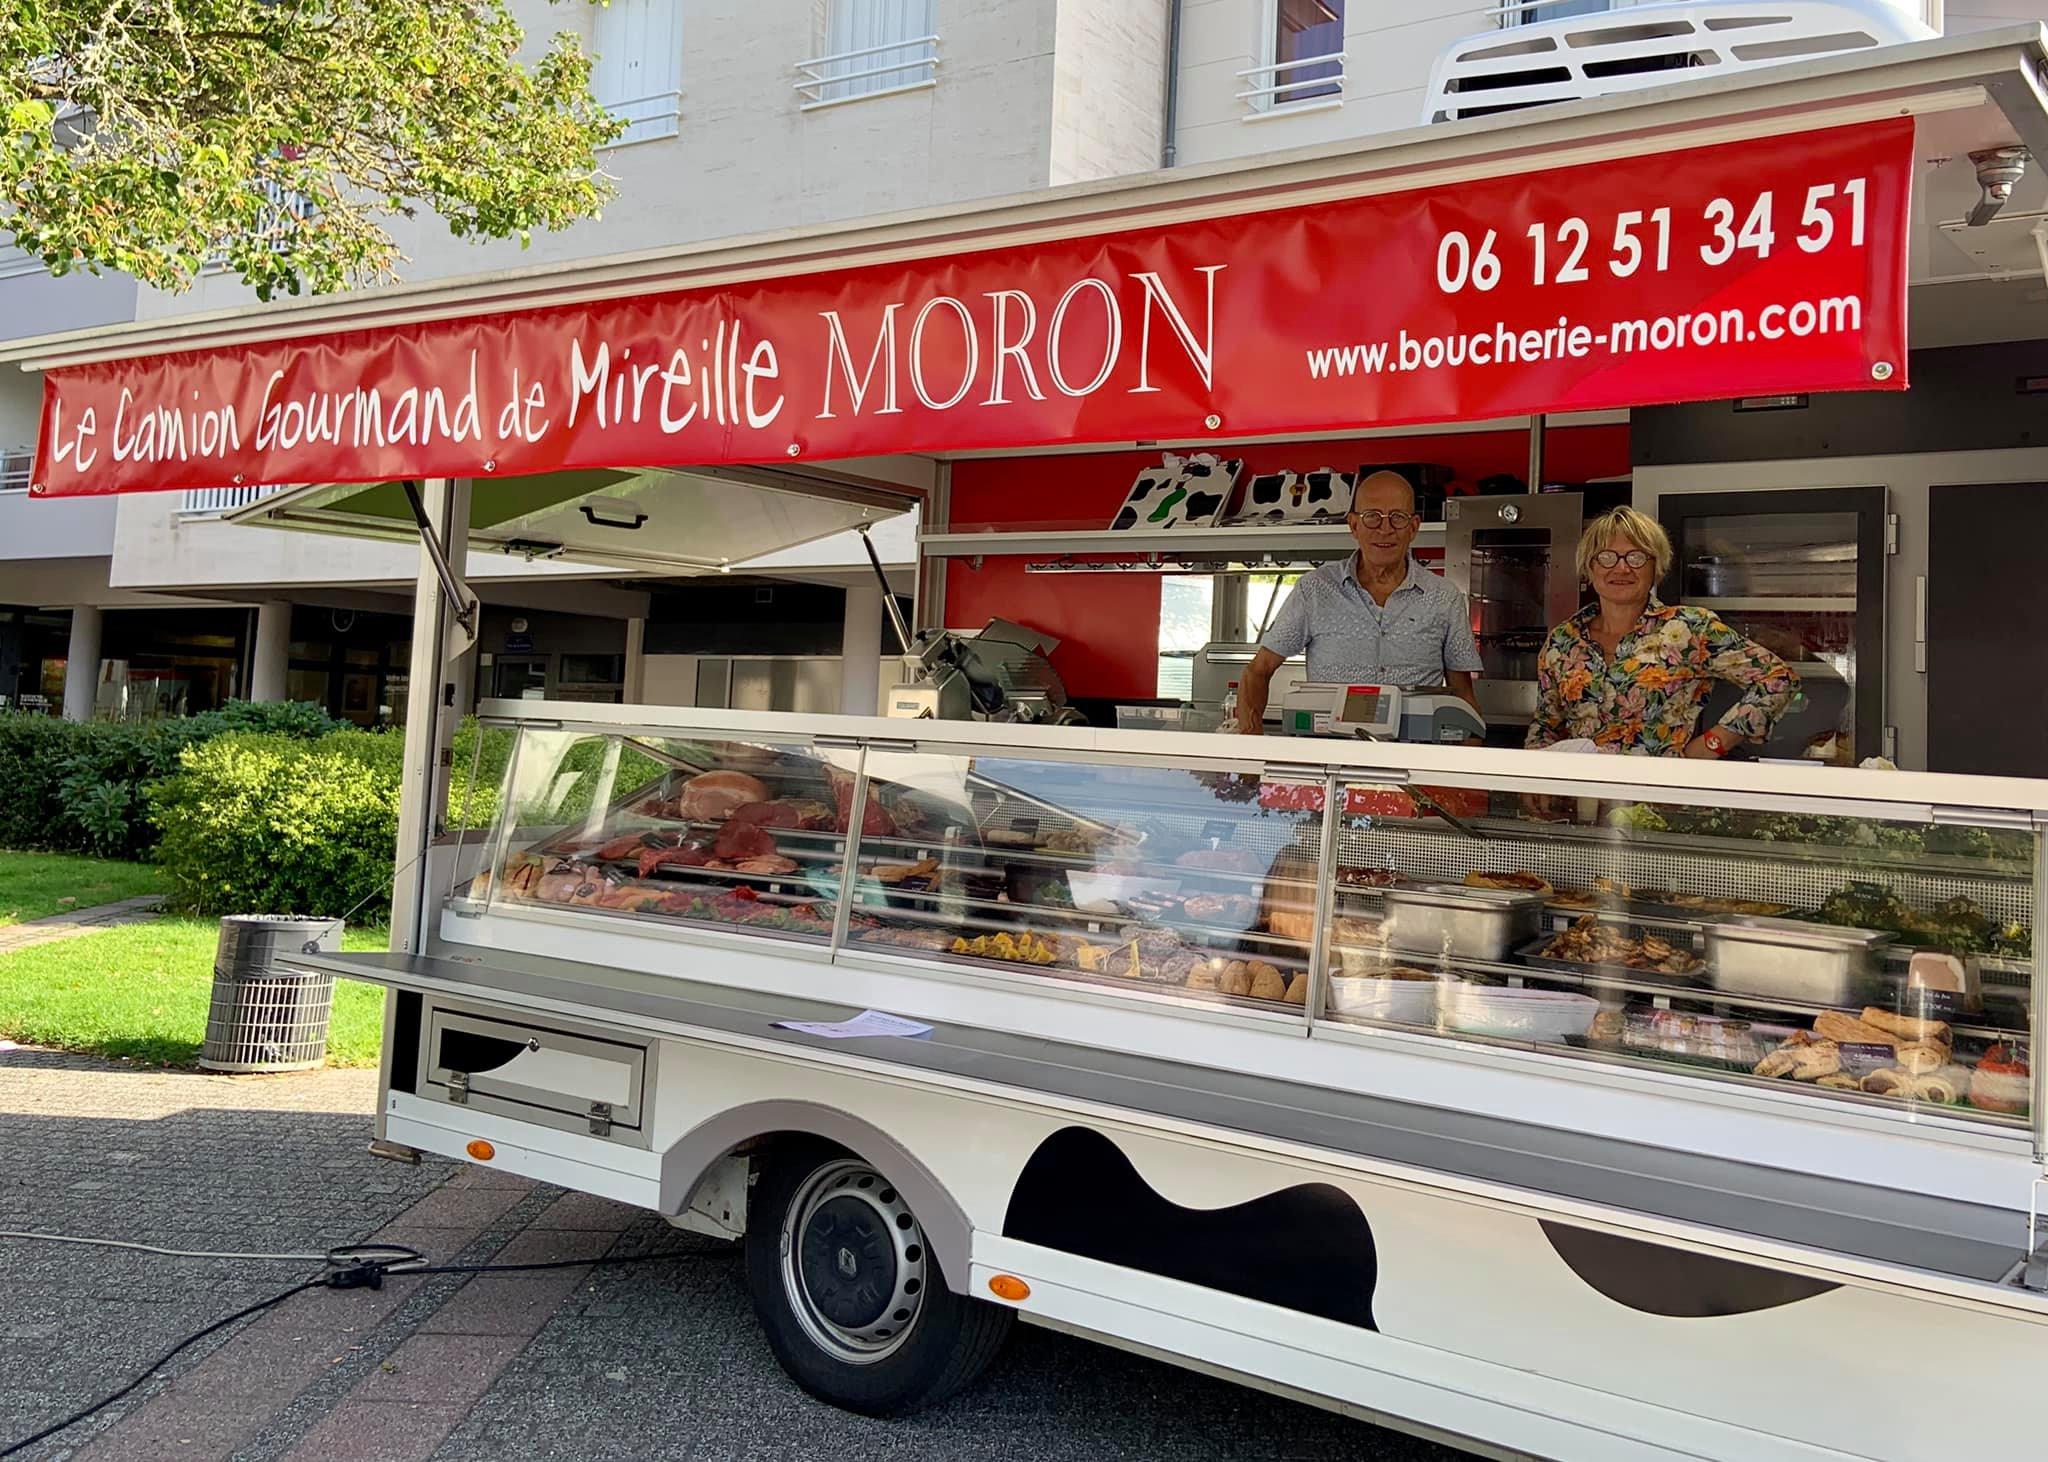 camion-gourmand-Mireille-MORON-boucherie_MORON